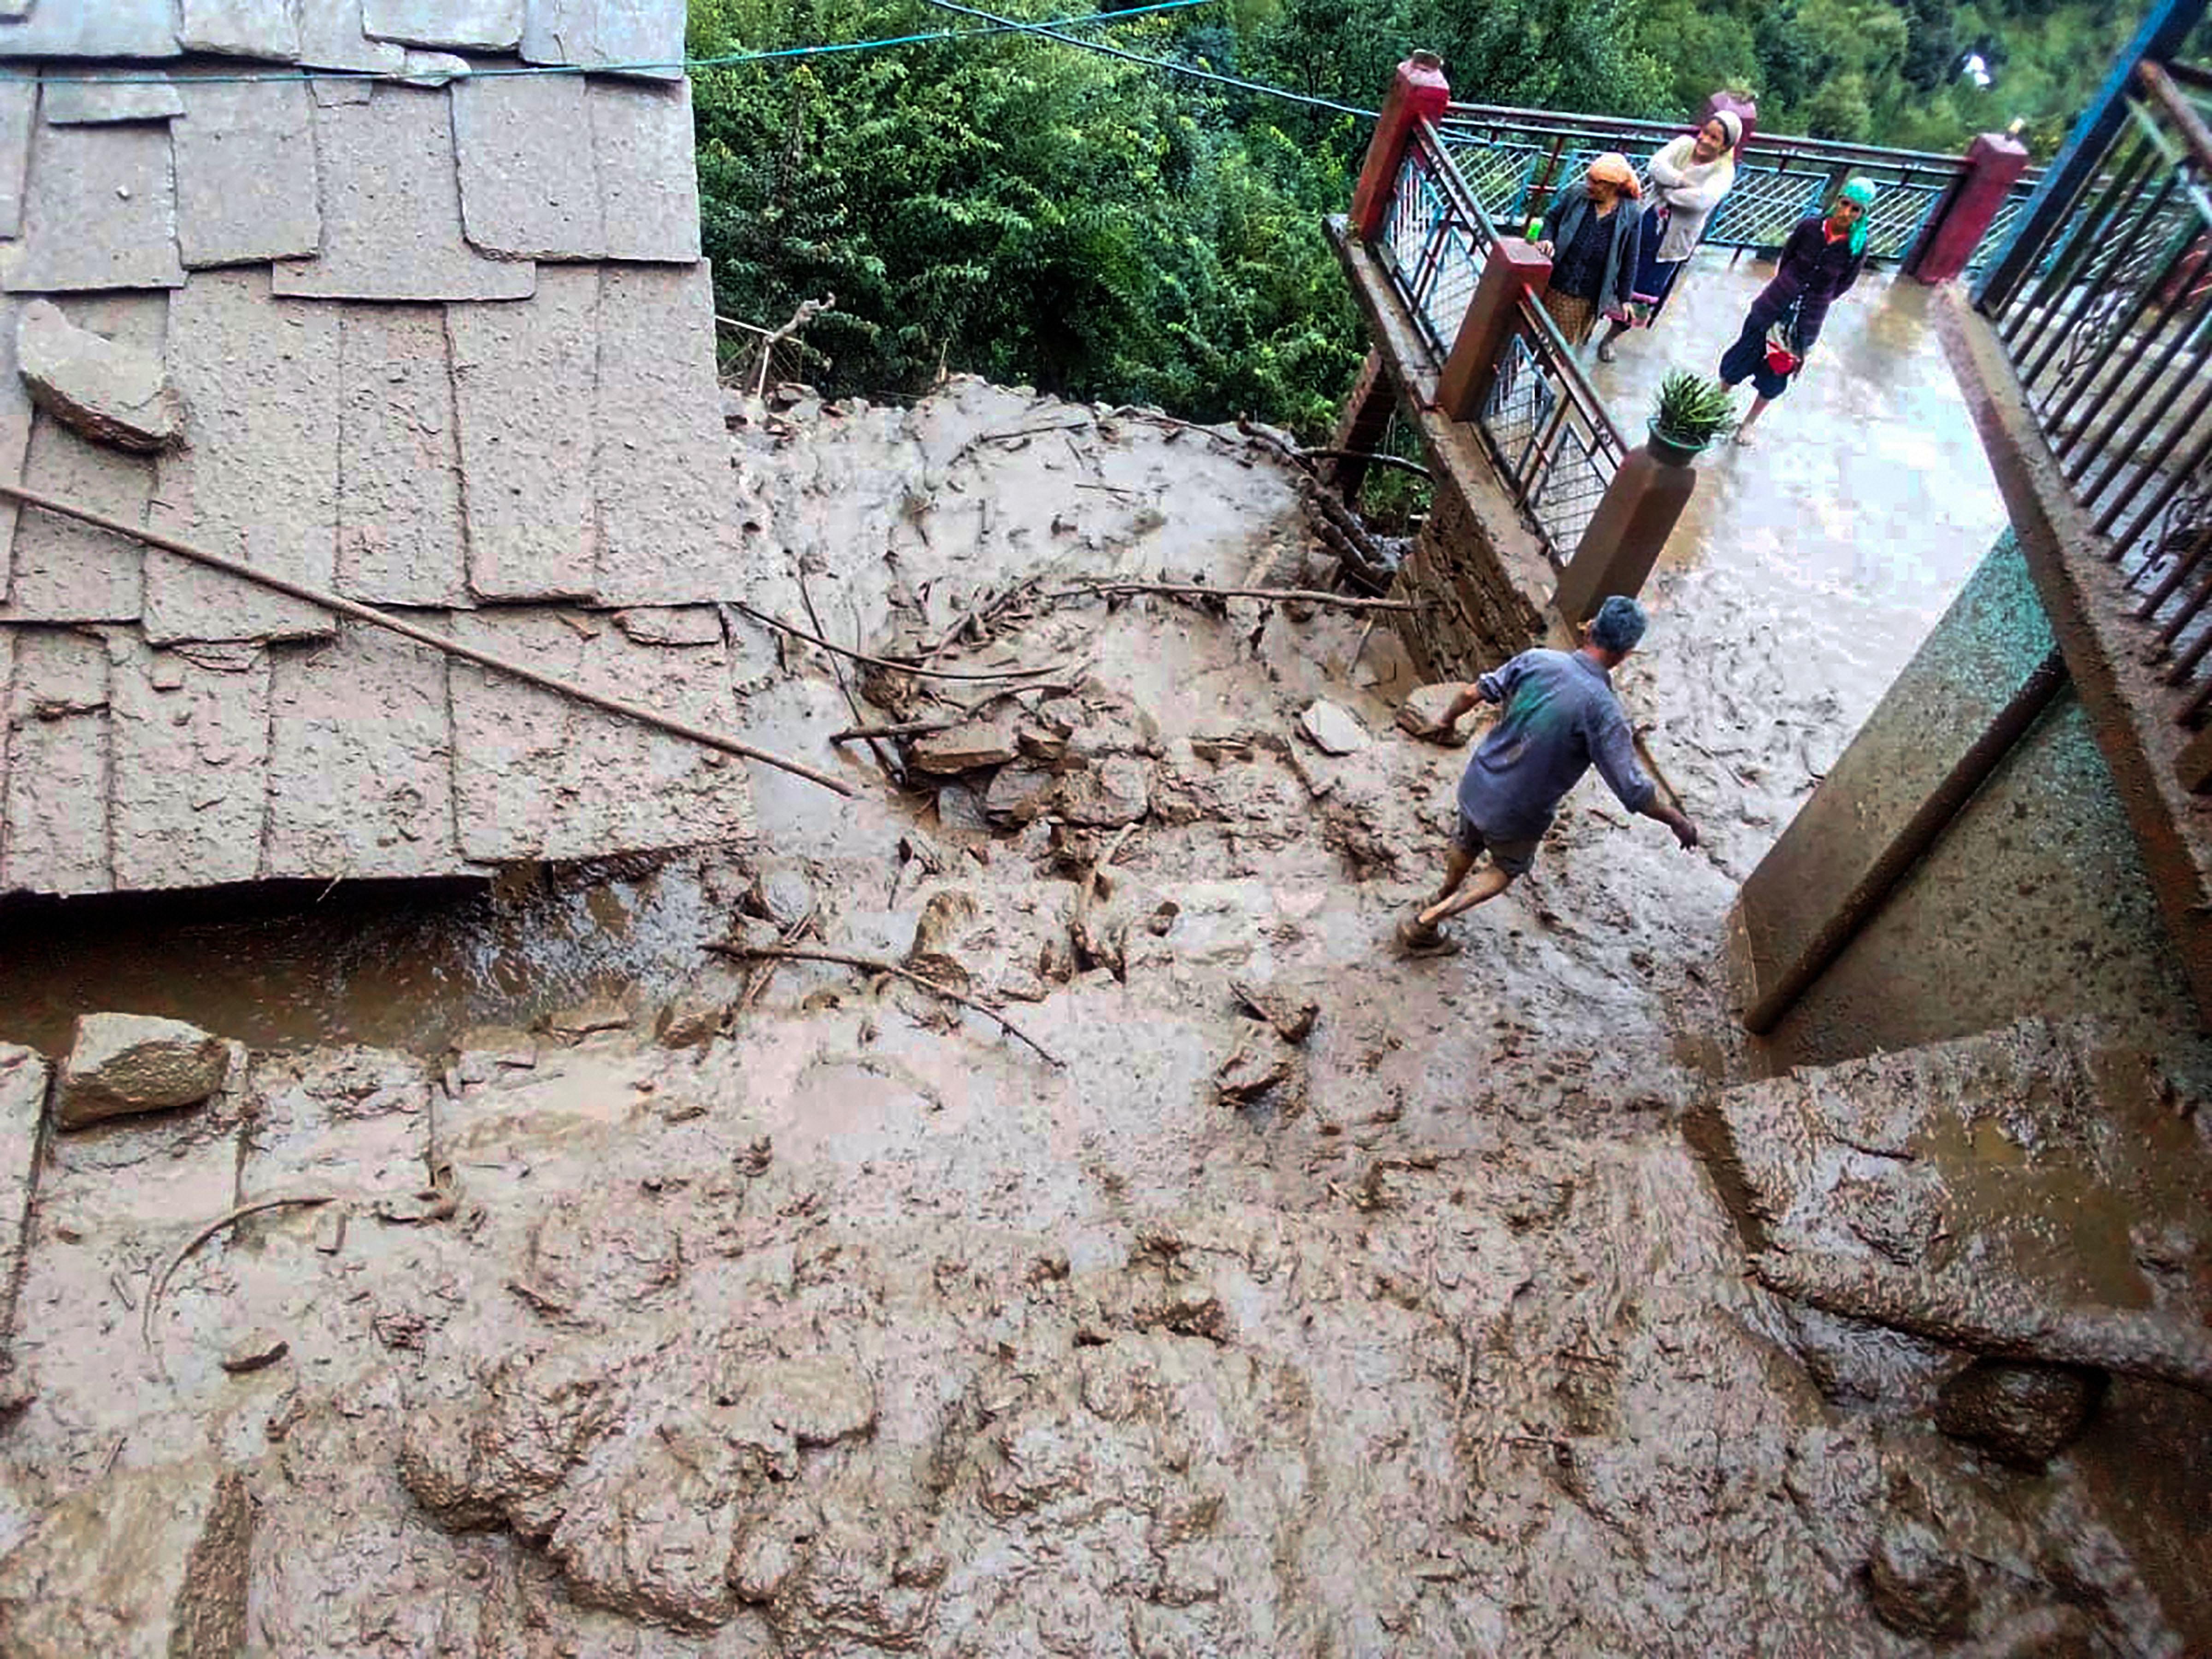 हिमाचल प्रदेश के कुल्लू में लैंड स्लाइड के बाद घर में कीचड़ भर गया।